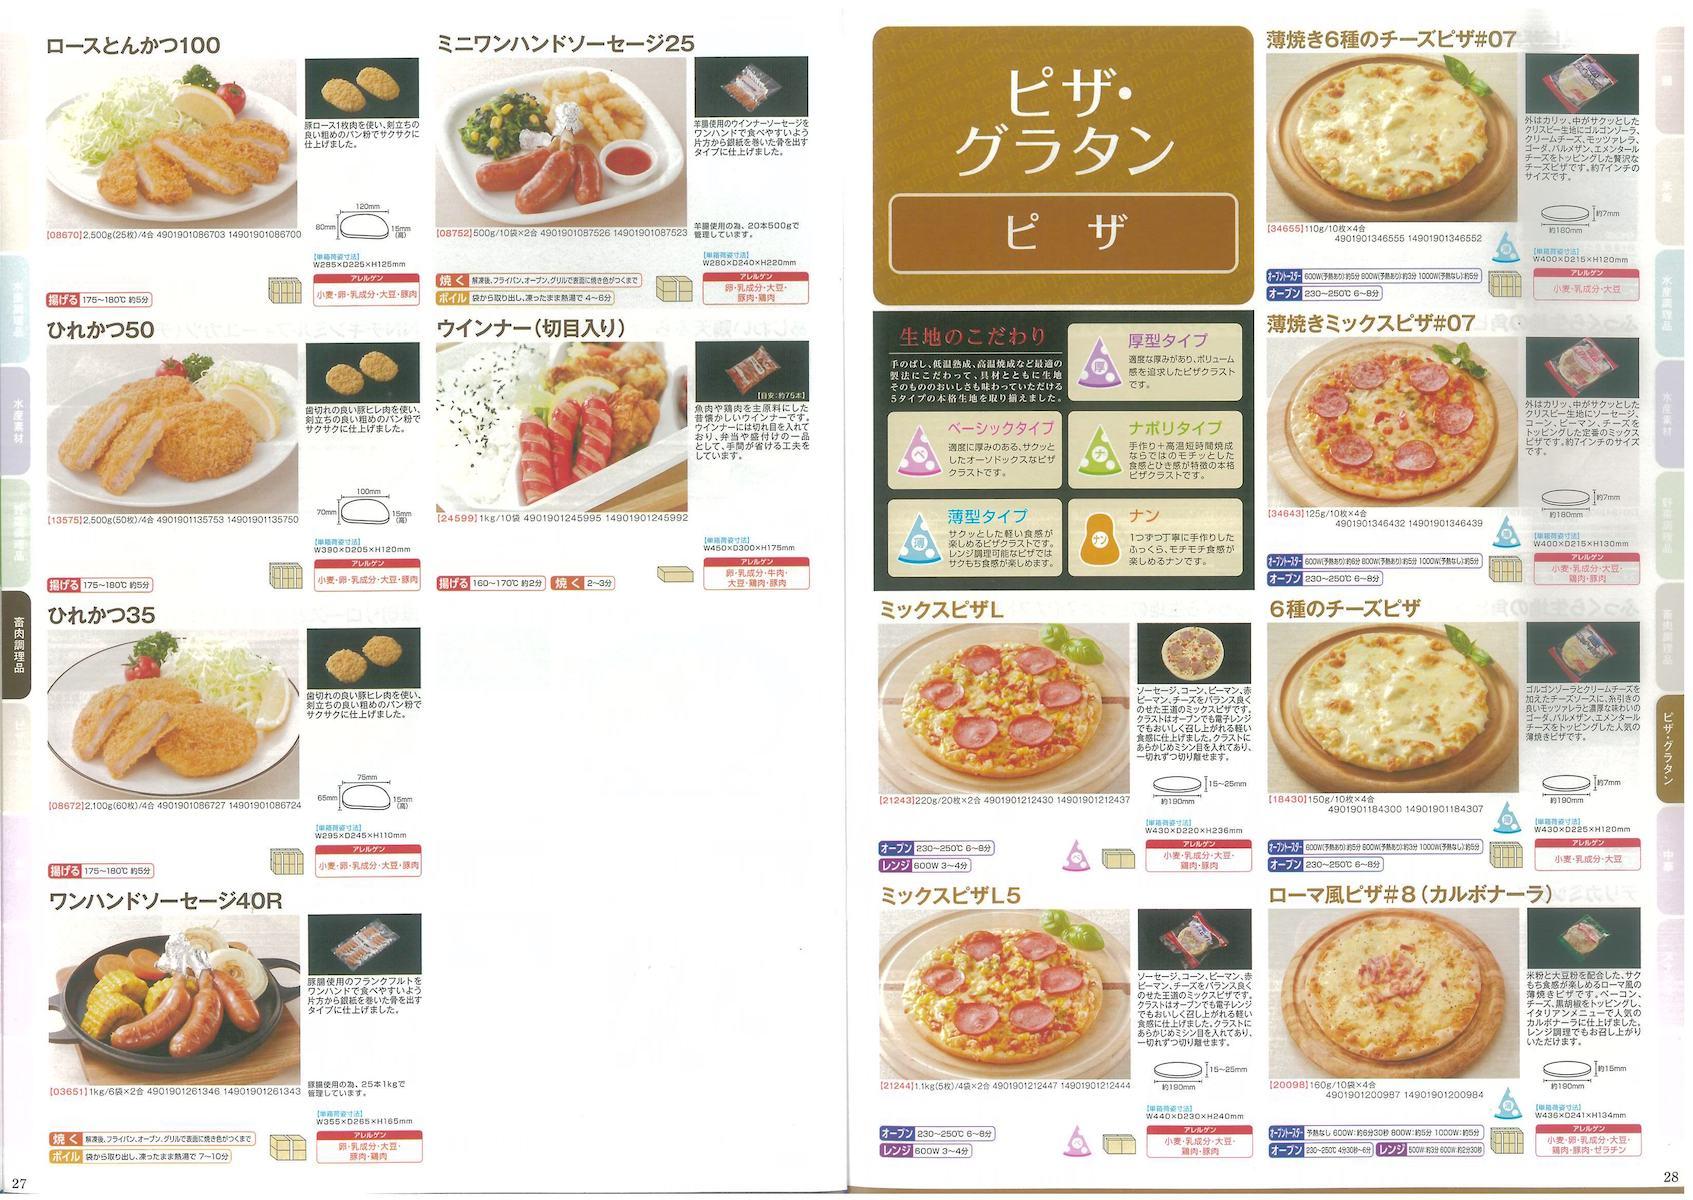 マルハニチロ ロースとんかつ100 ひれかつ50 ひれかつ35 ワンハンドソーセージ40R ミニワンハンドソーセージ25 ウインナー(切目入り) ピザ・グラタン ミックスピザL ミックスピザL5 薄焼き6種のチーズピザ#07 薄焼きミックスピザ#07 6種のチーズピザ ローマ風ピザ#8(カルボナーラ)